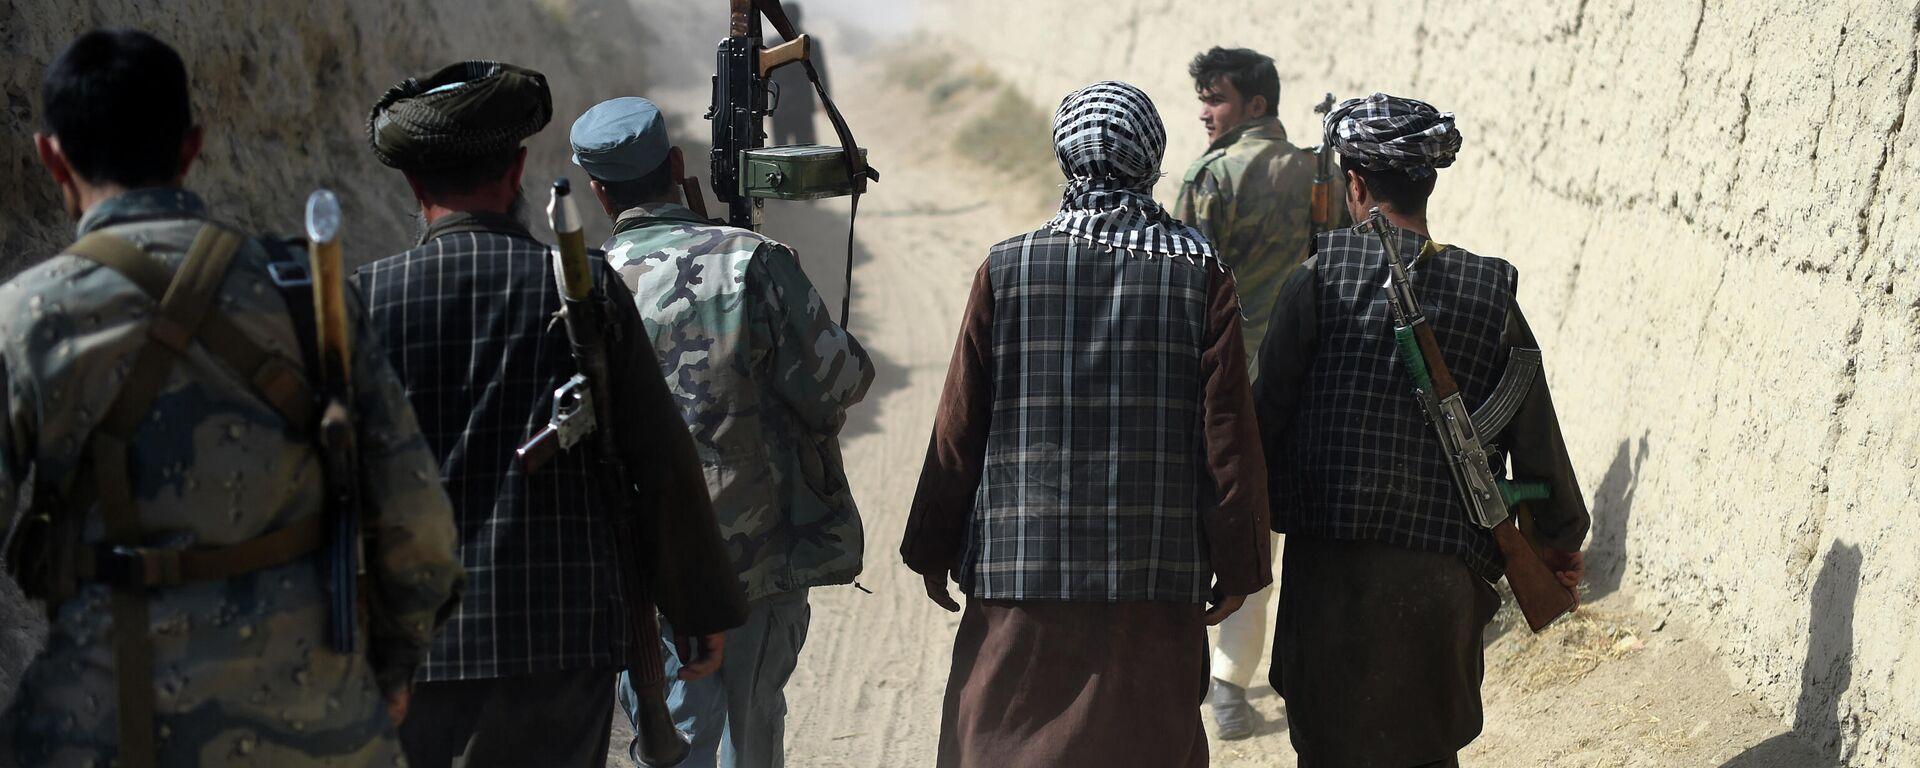 Вооруженные люди в Афганистане - Sputnik Ўзбекистон, 1920, 07.09.2021